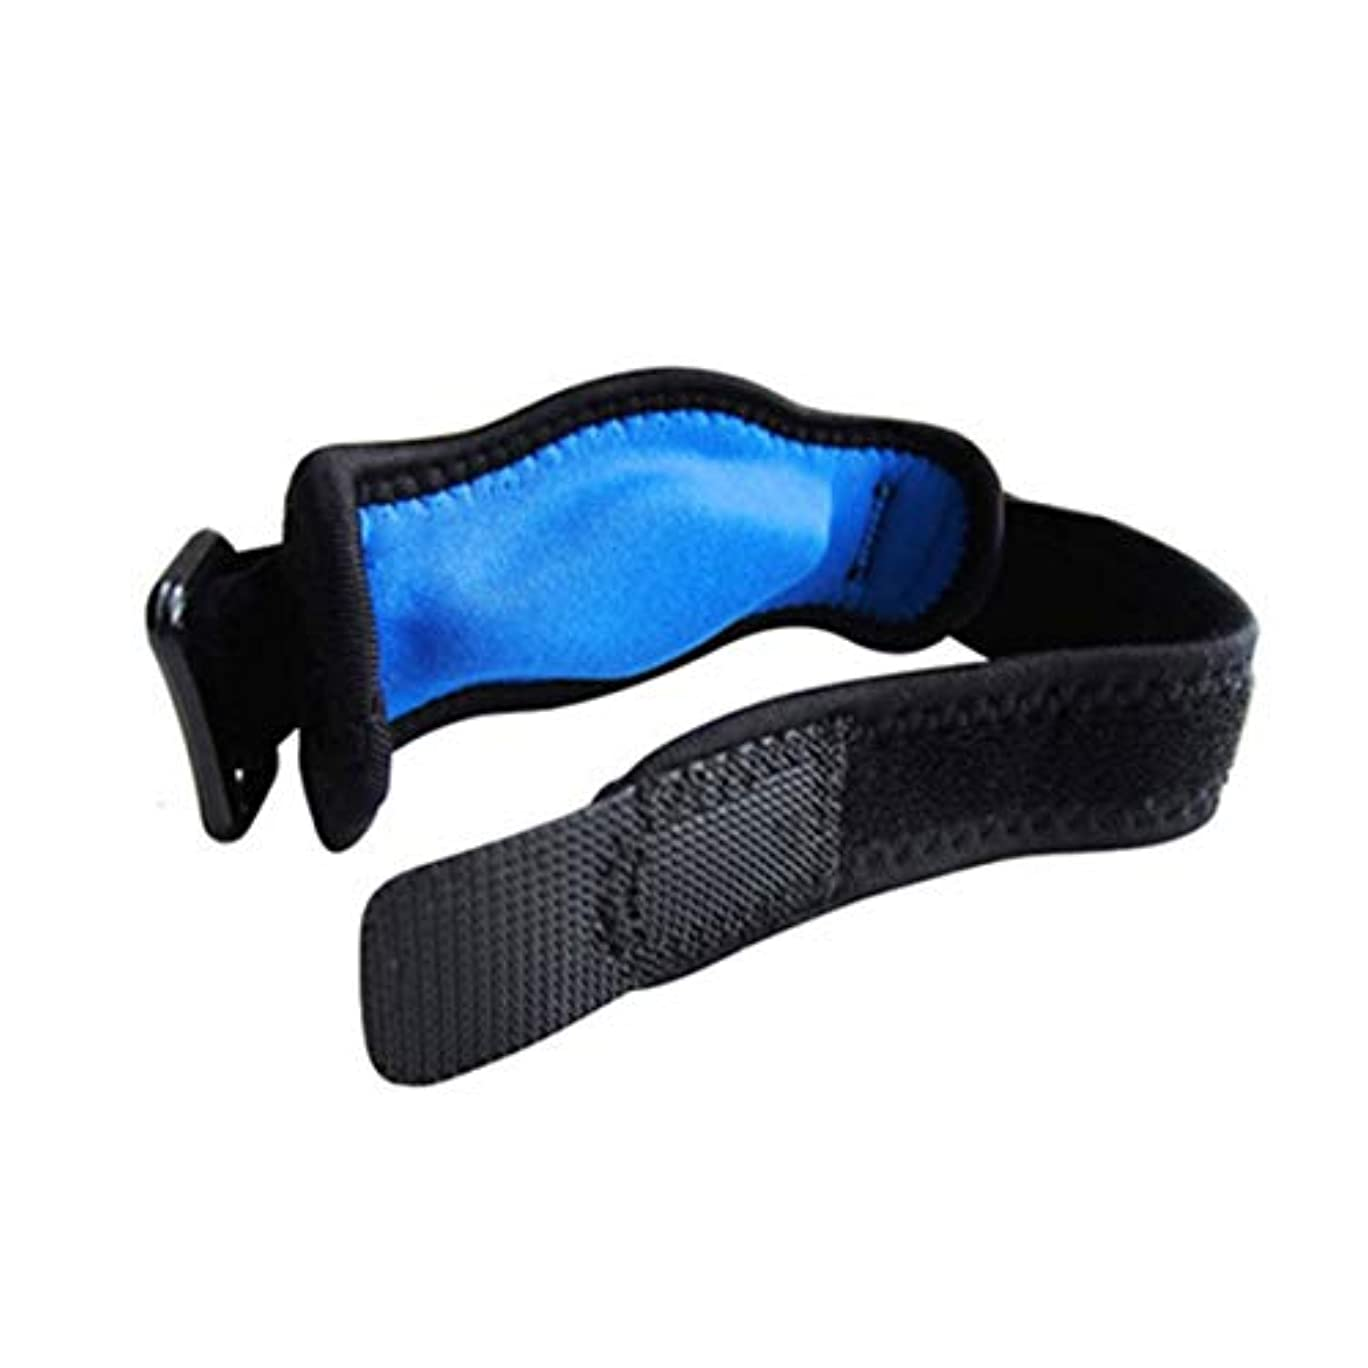 進化するインターネット生きている調節可能なテニス肘サポートストラップブレースゴルフ前腕痛み緩和 - 黒